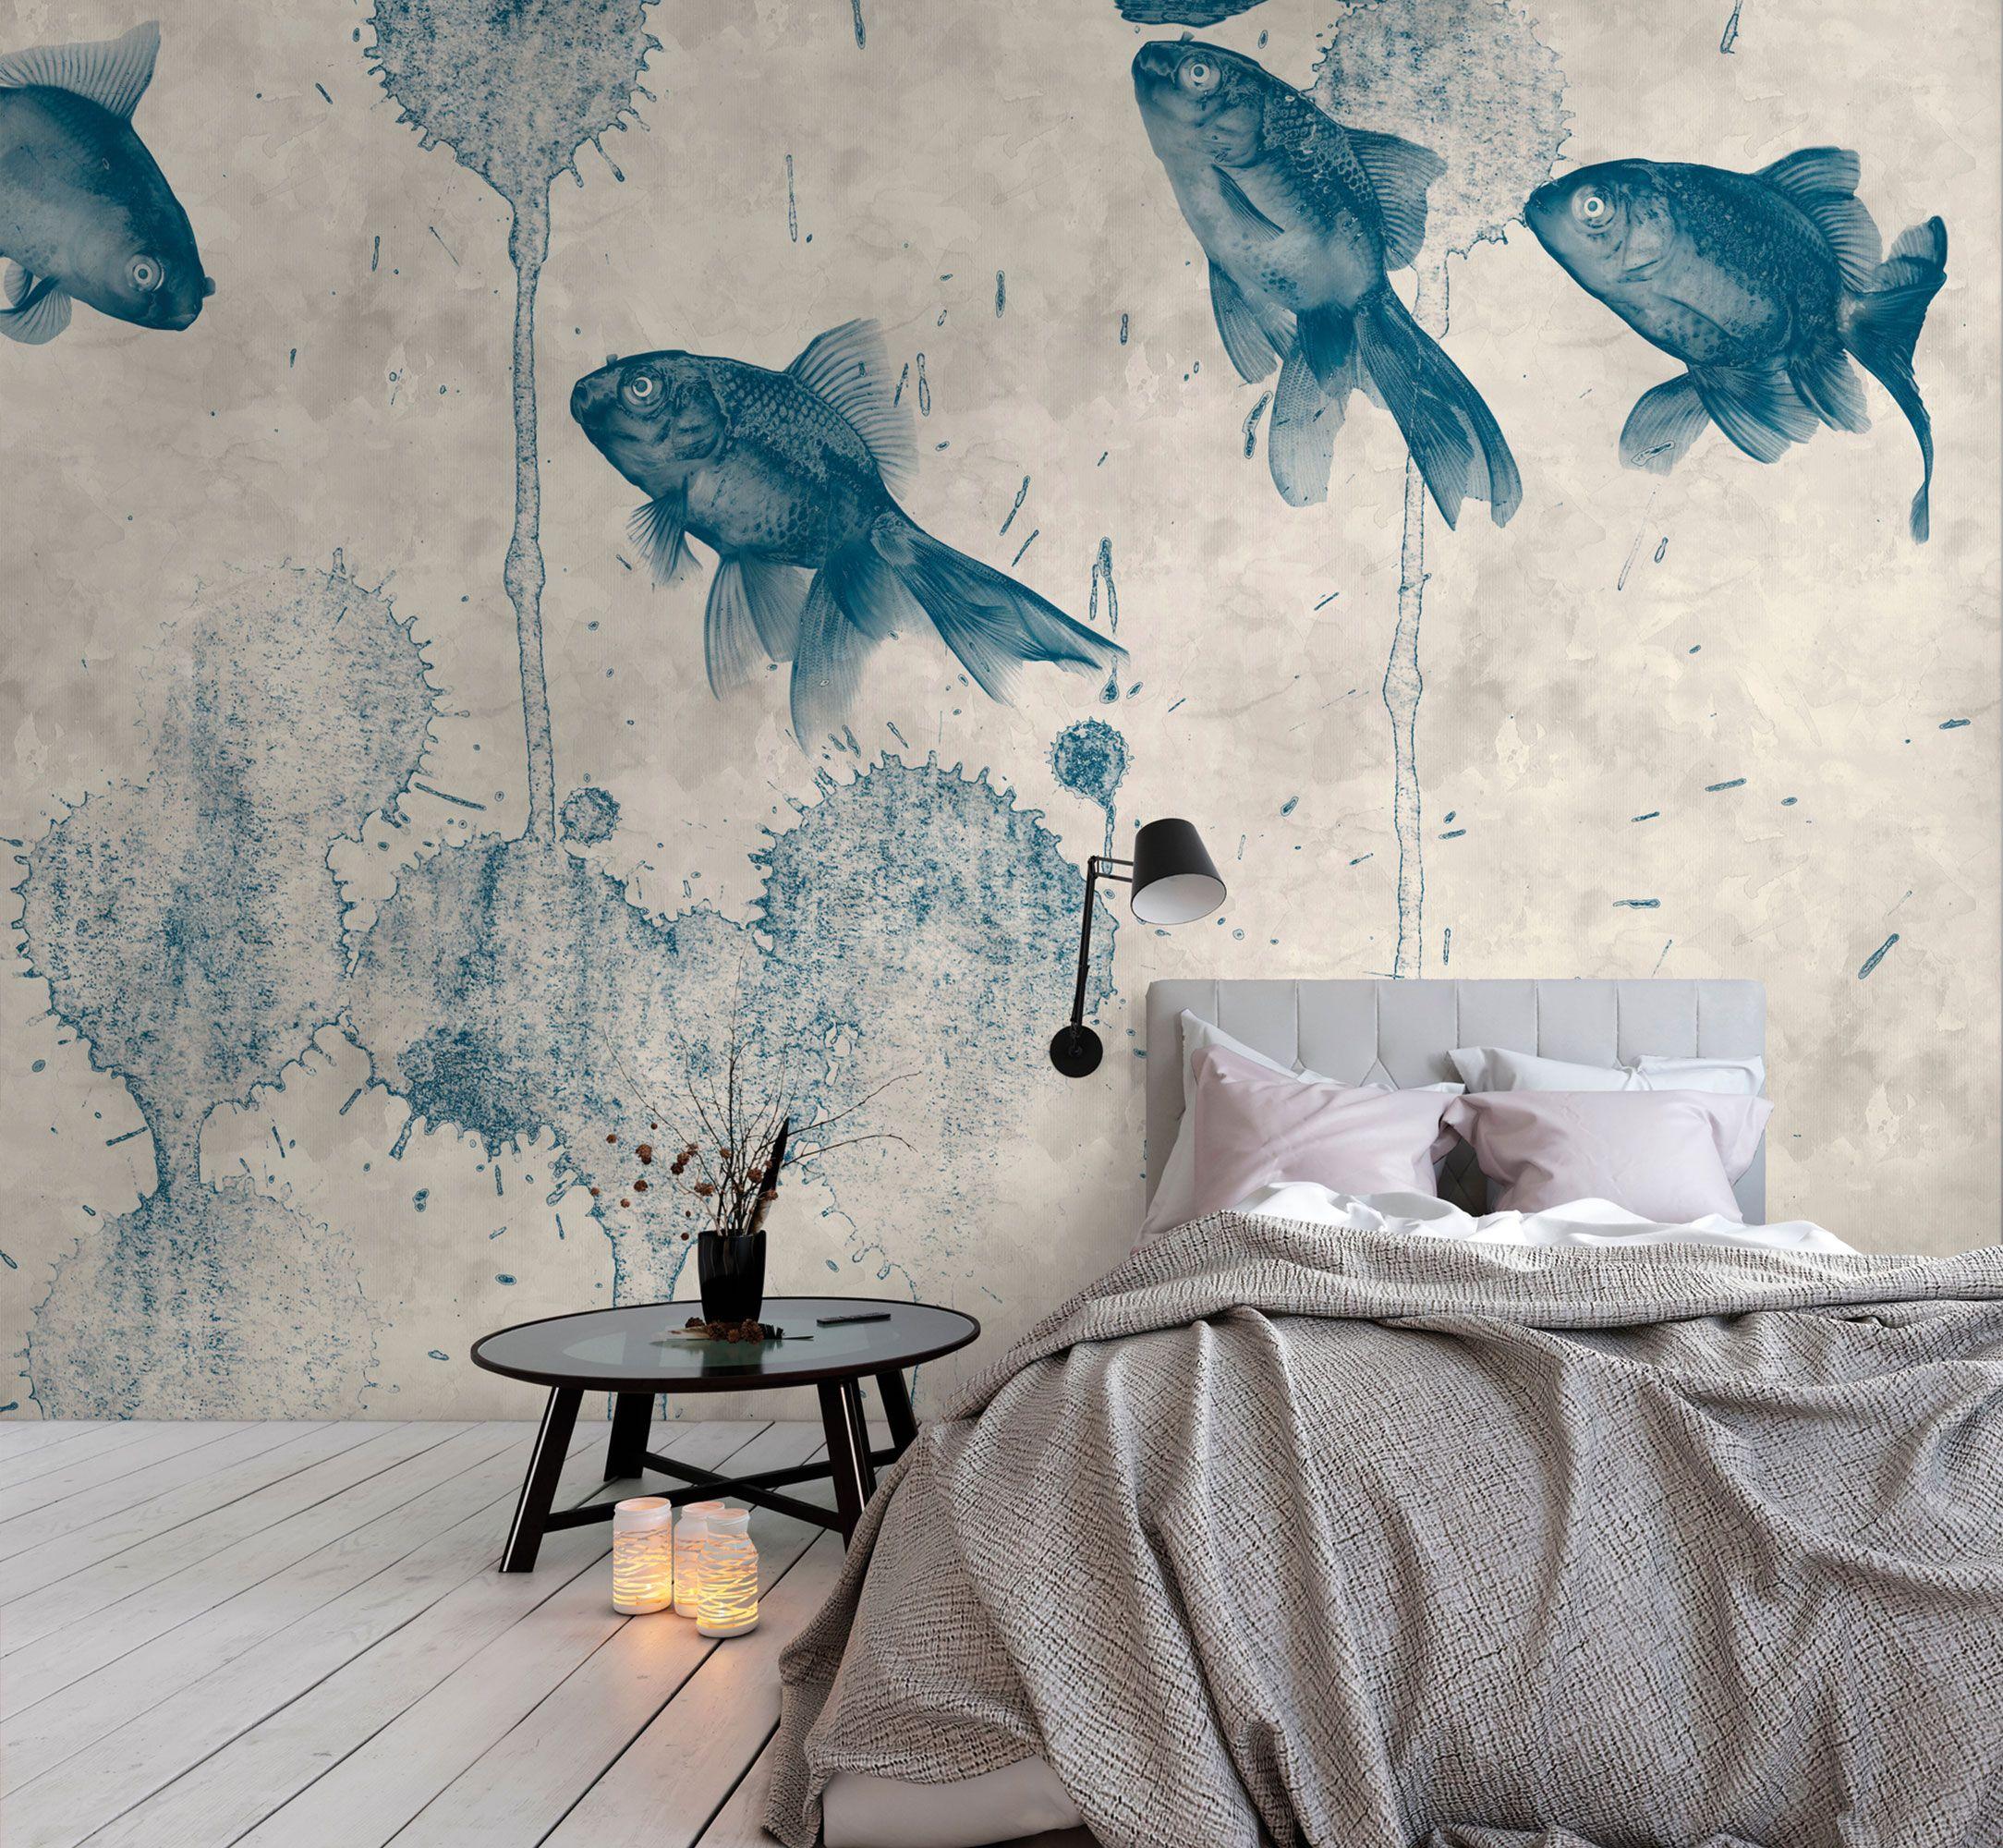 Fototapete-mit-blauen-Fischen-DD110821